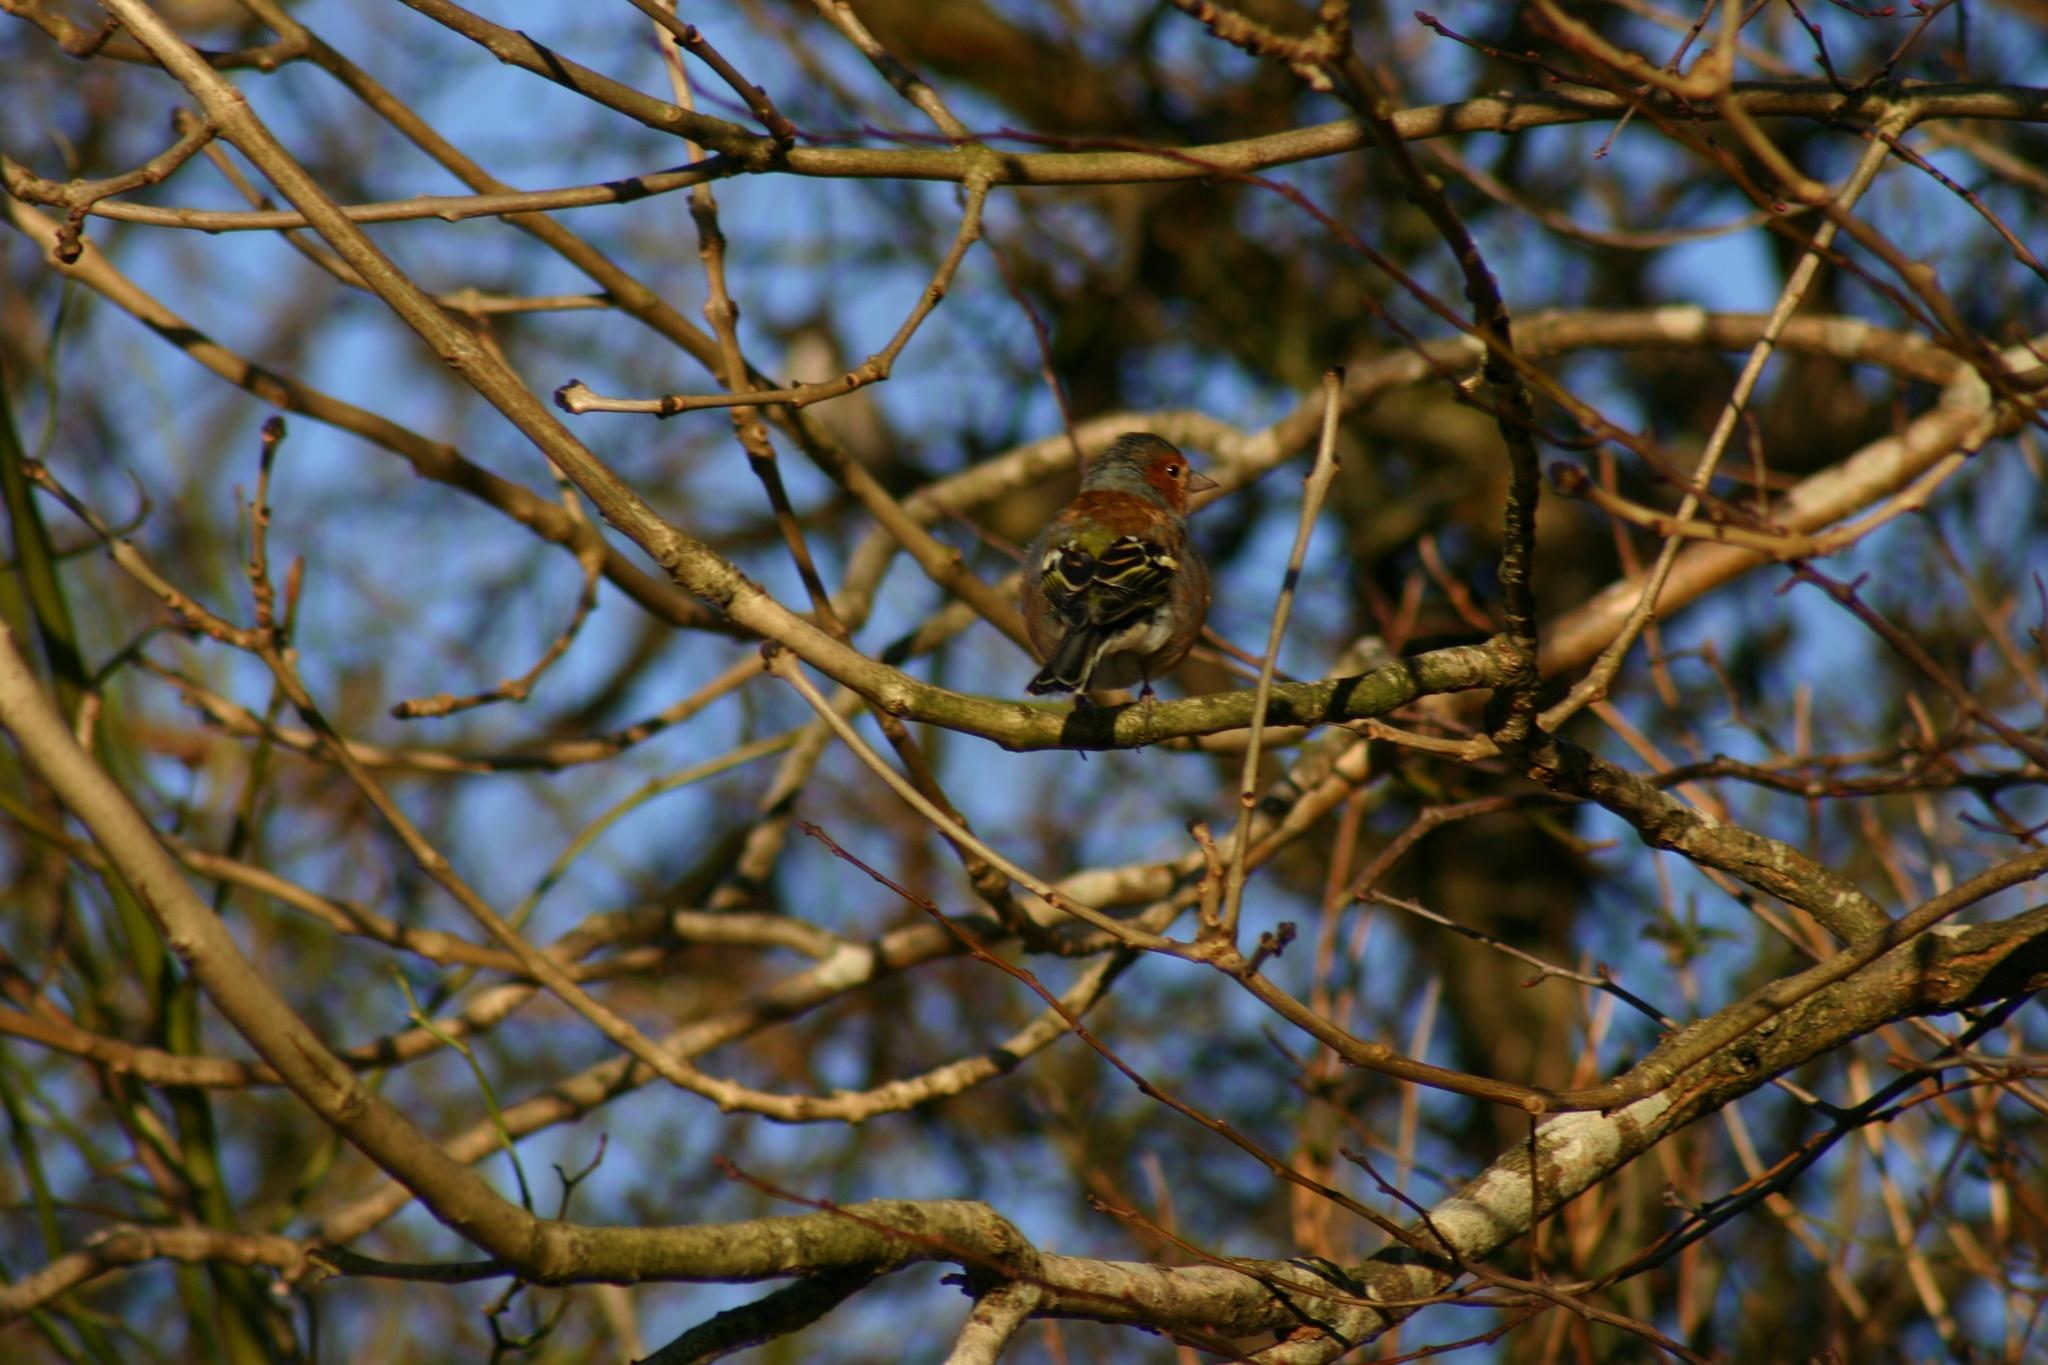 Chaffinch bird by MichaelTorkington